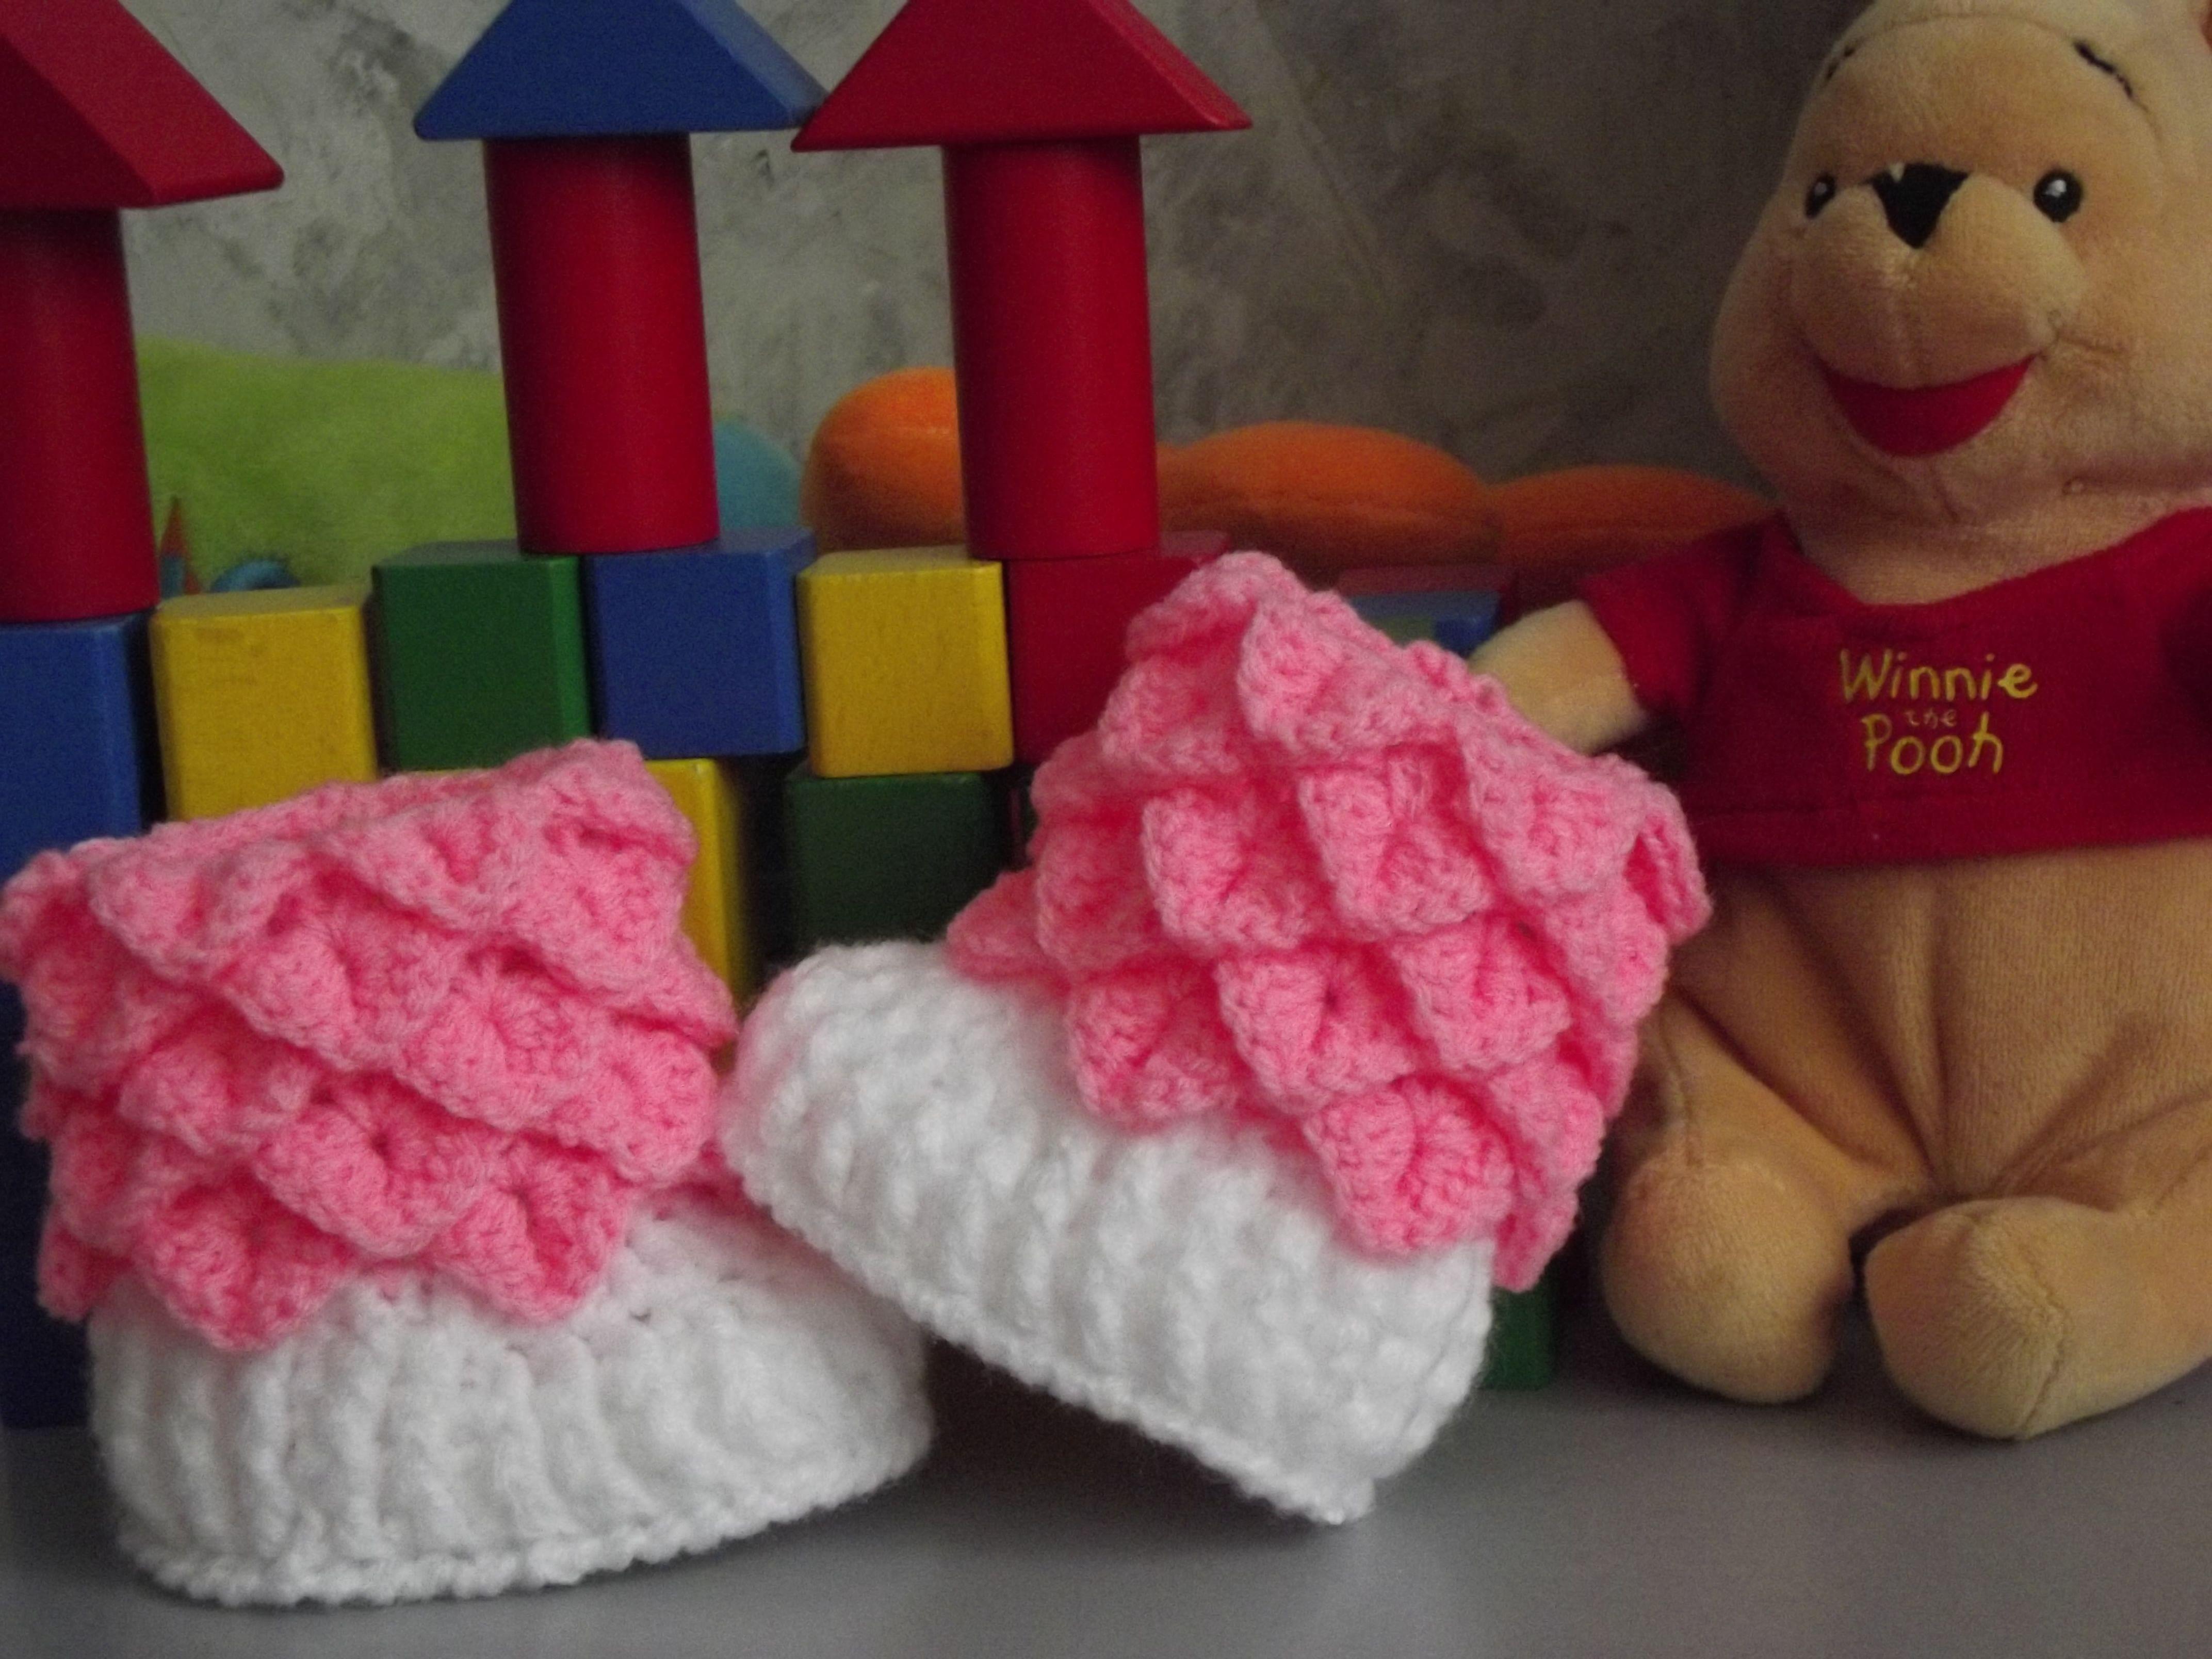 Crocodile stitch crochet baby boots | Zapatitos crochet, Zapatos y Bebe